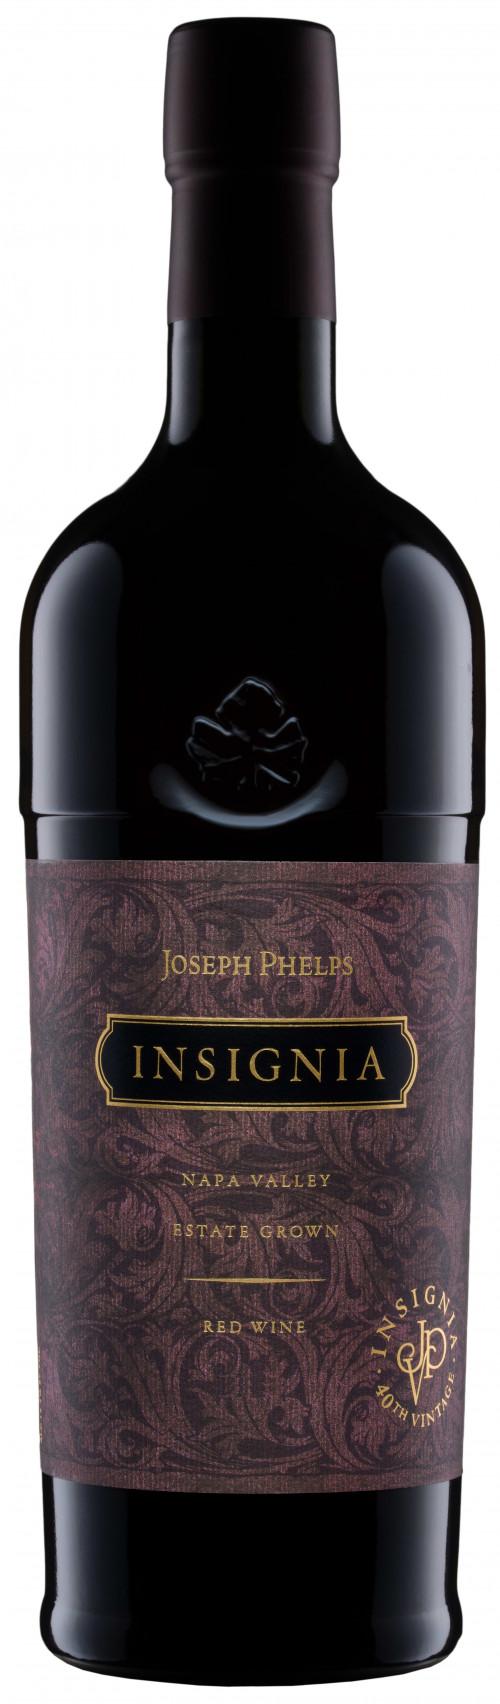 2014 Joseph Phelps Insignia 1.5L